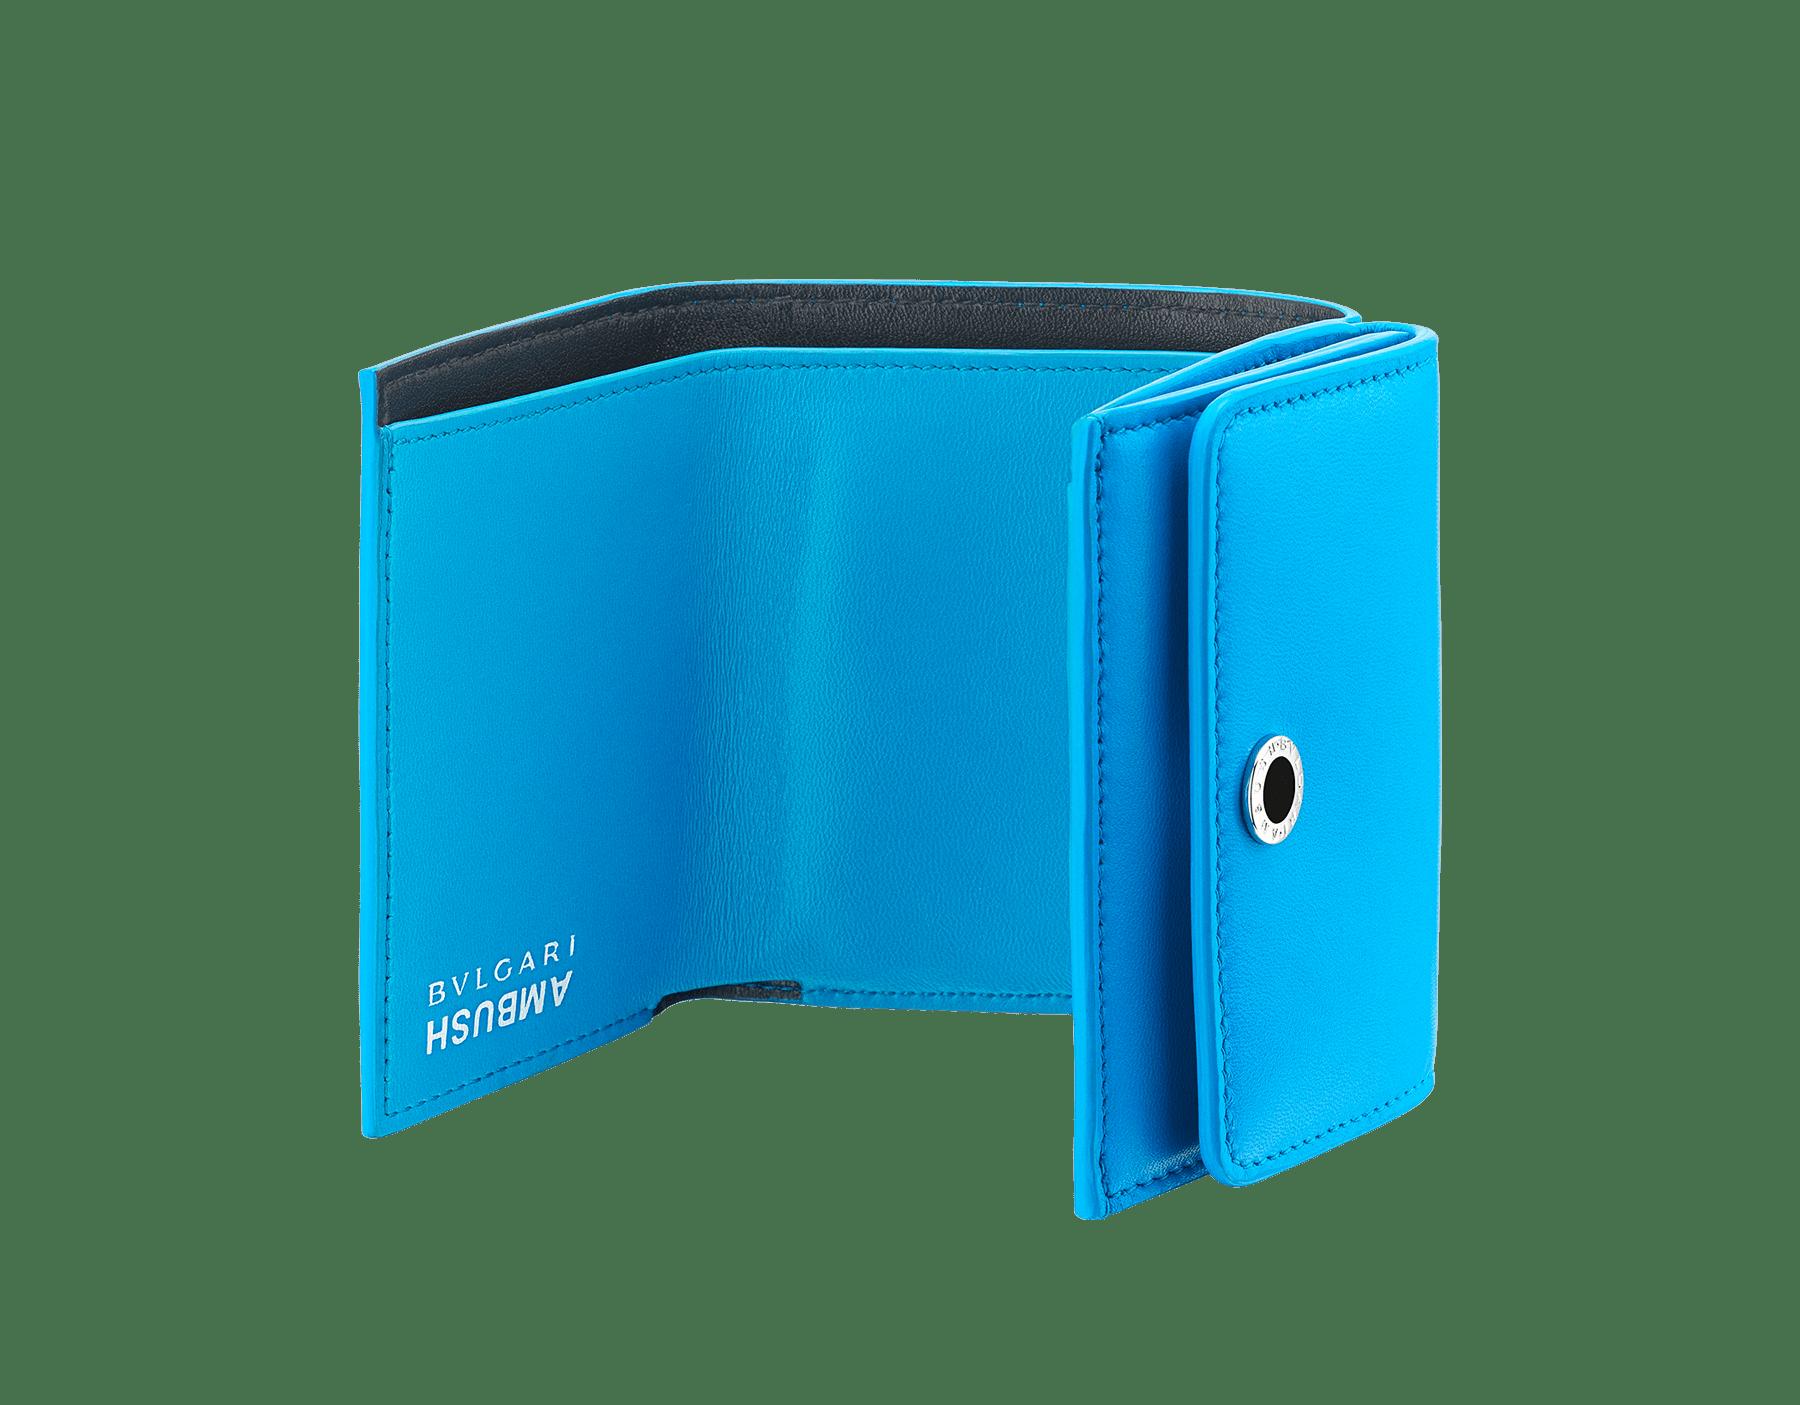 Portefeuille compact mini modèle Ambush x Bvlgari en cuir nappa bleu vif. Motif BVLGARI AMBUSH en laiton plaqué palladium et émail noir d'un côté et imprimé logo BVLGARI AMBUSH de l'autre. Édition limitée. YA-MINICOMPACT image 2